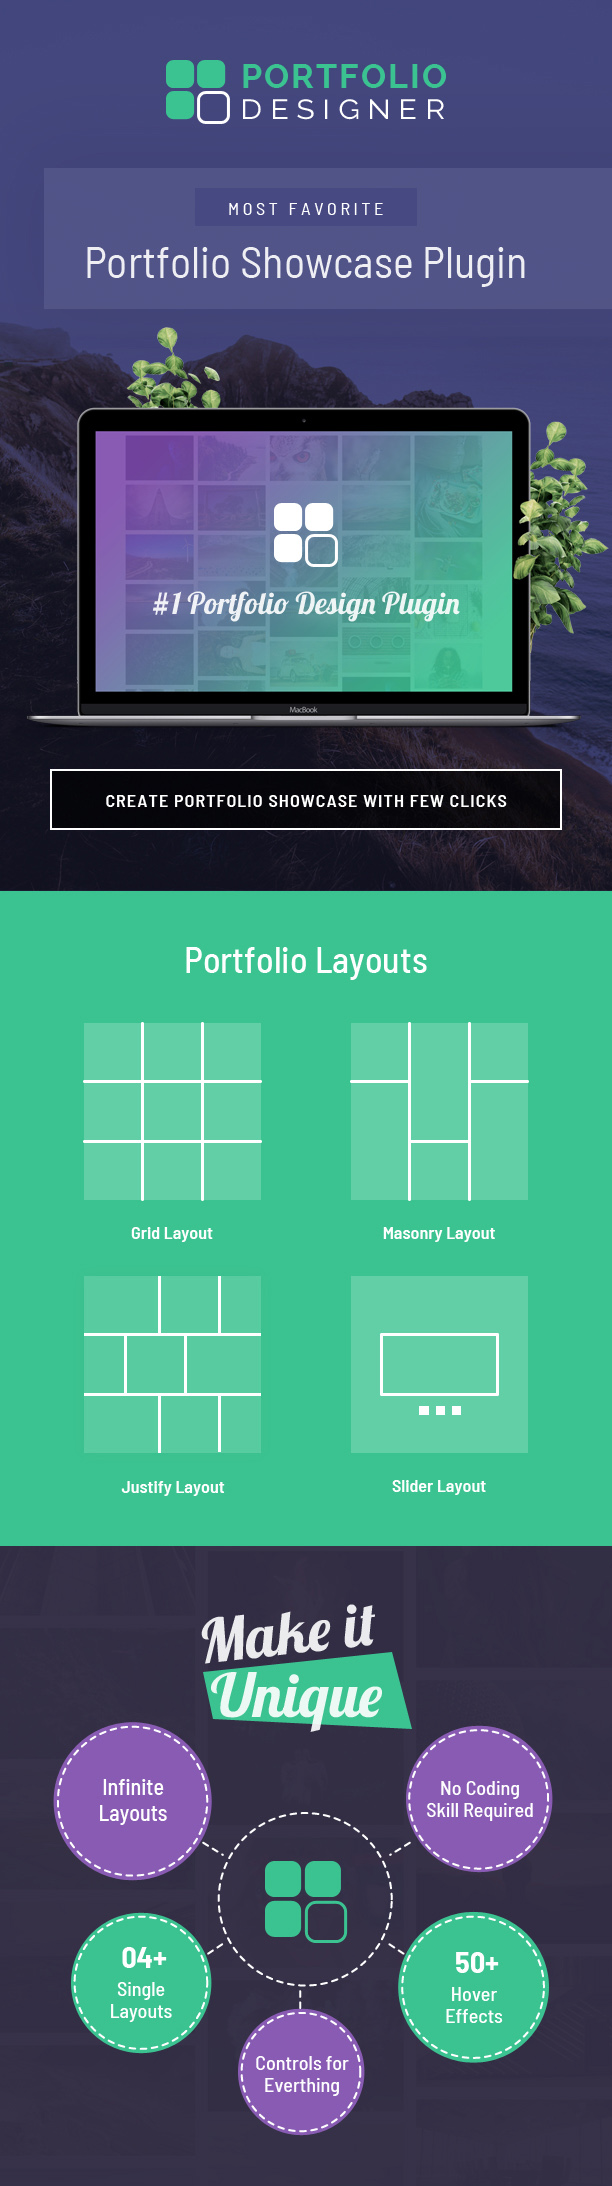 Portfolio Designer